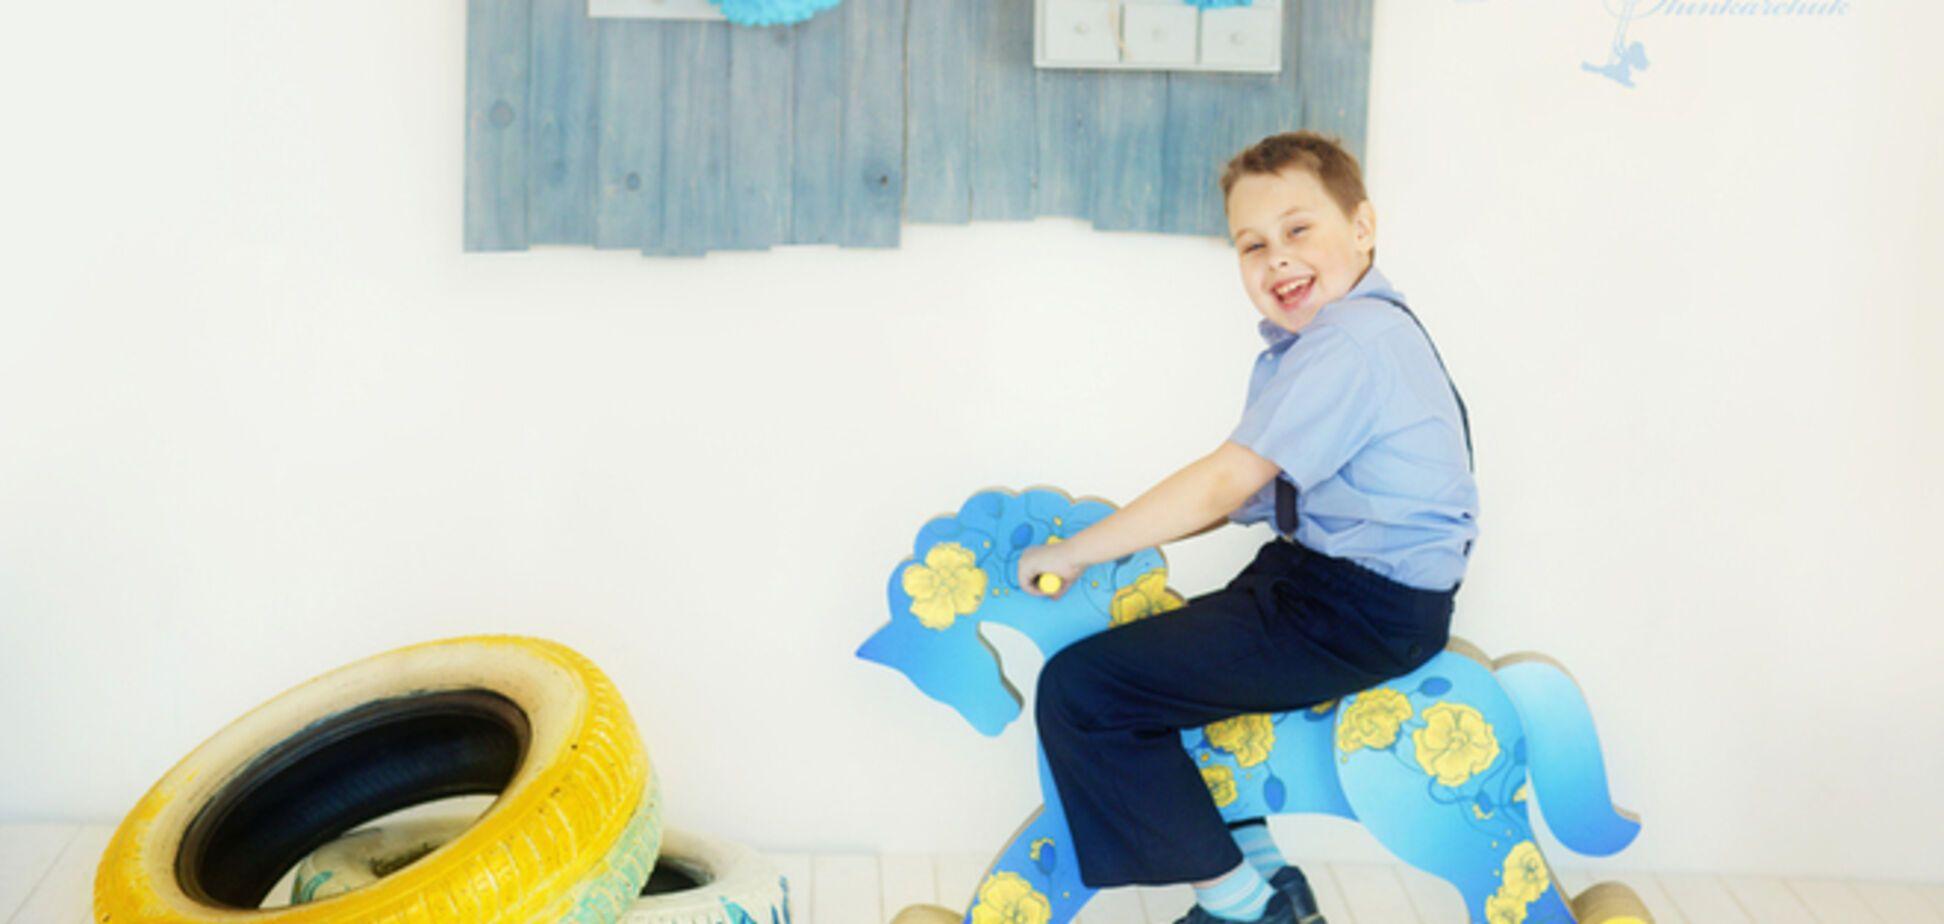 Мир детей с аутизмом. История седьмая: взрывной ребенок